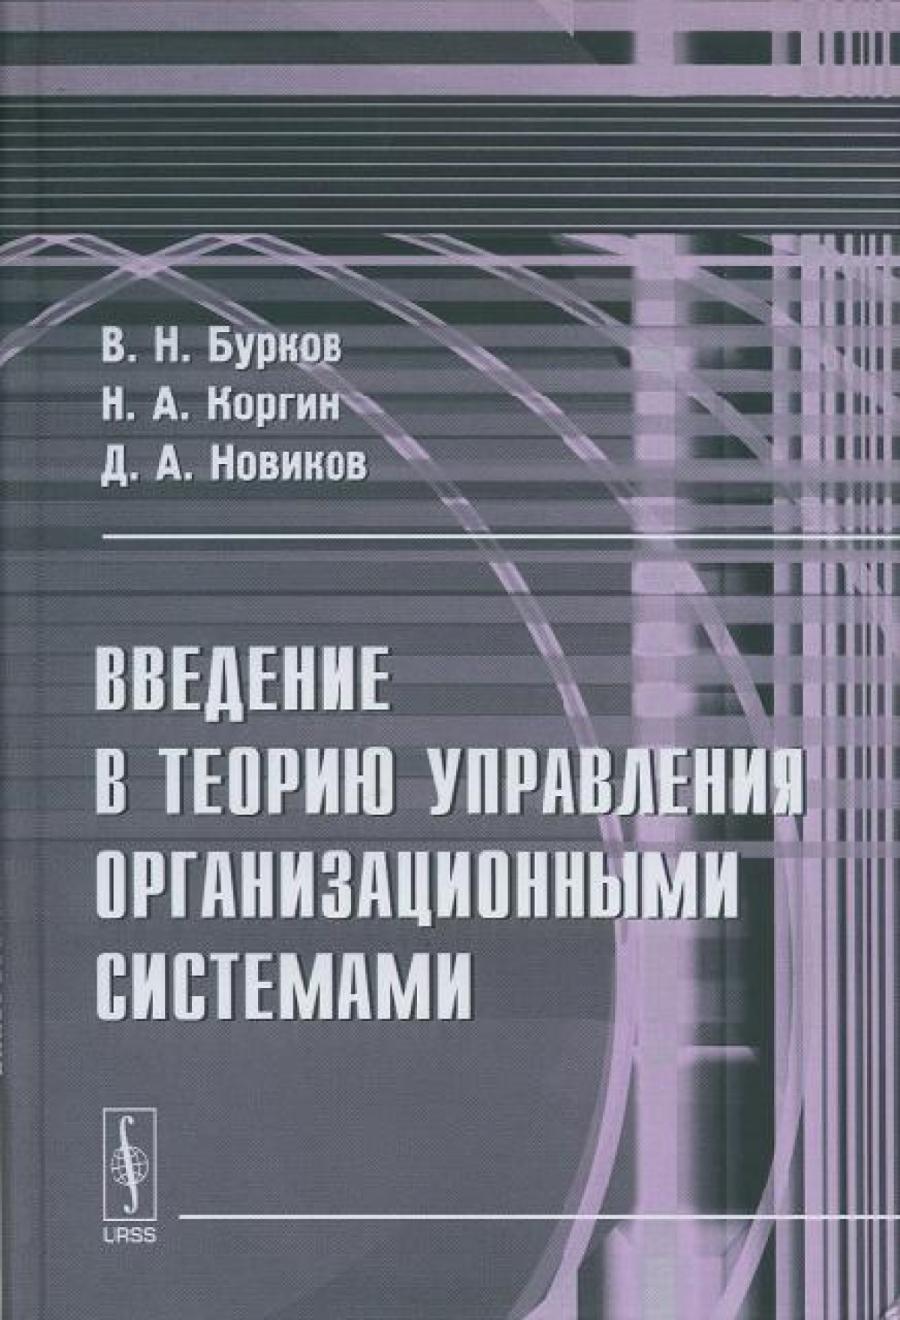 Обложка книги:  бурков в.н., коргин н.а., новиков д.а. - введение в теорию управления организационными системами.